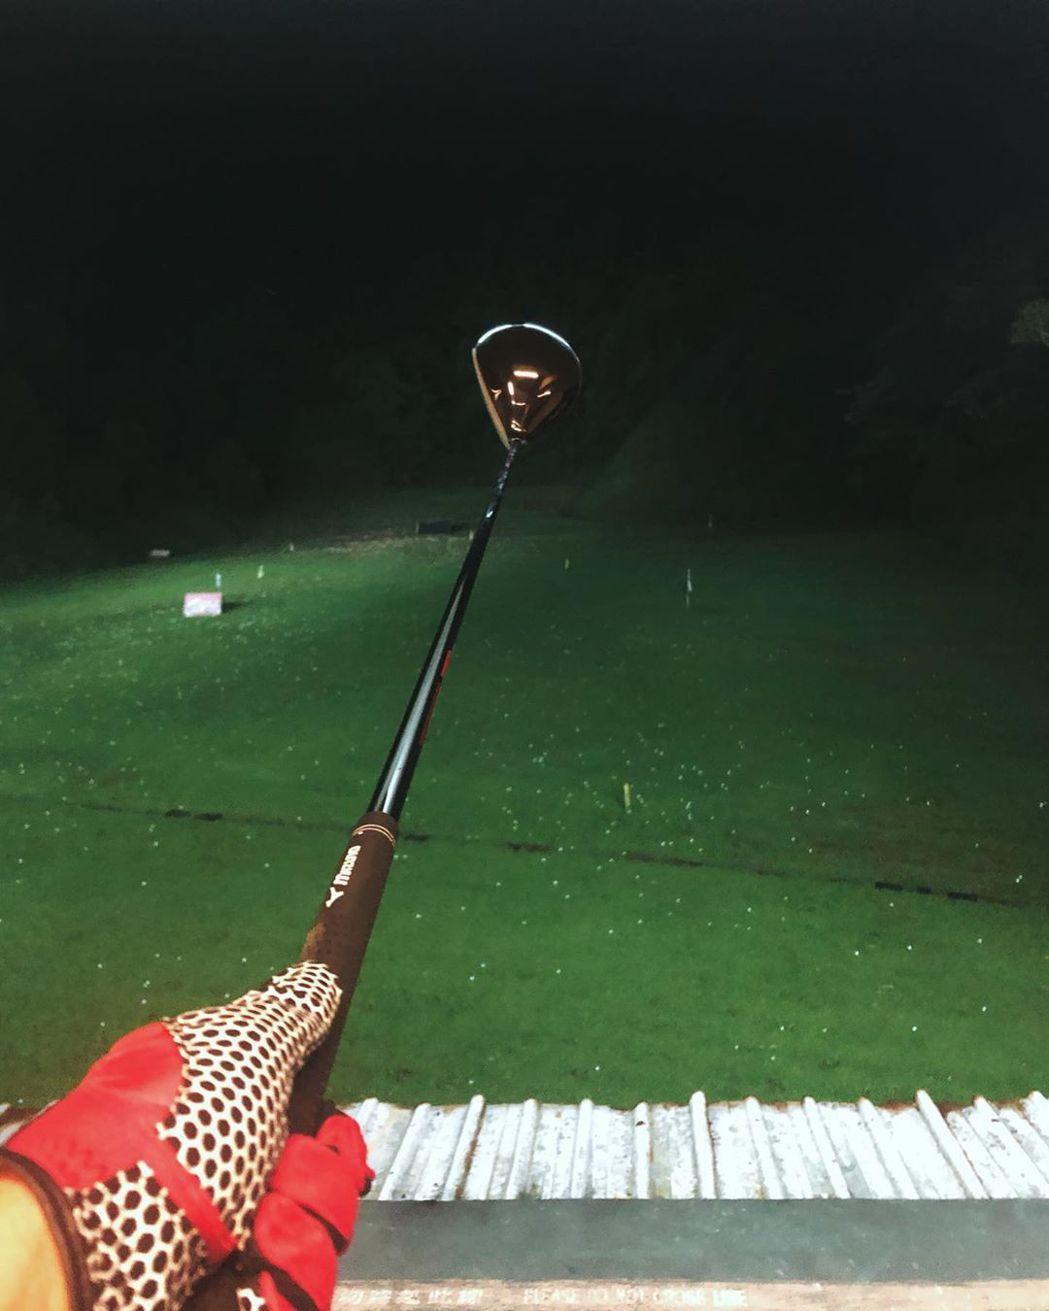 羅志祥之前曾貼出在練習打高爾夫球的照片。 圖/擷自羅志祥IG